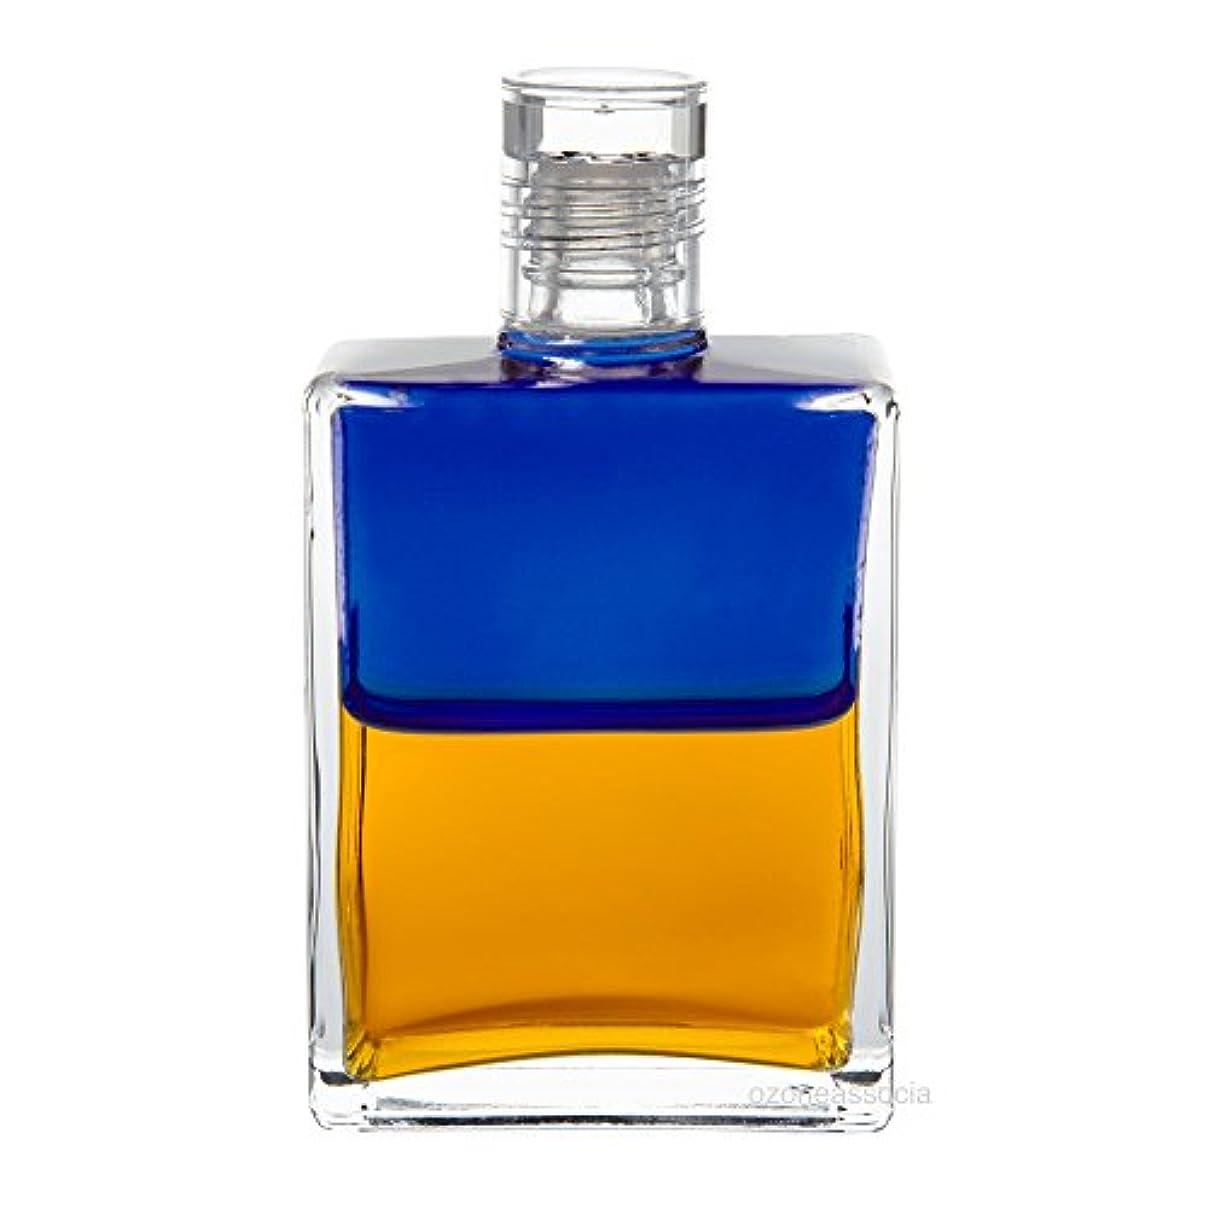 ロバ生じるロードブロッキングオーラソーマ ボトル 32番  ソフィア (ロイヤルブルー/ゴールド) イクイリブリアムボトル50ml Aurasoma